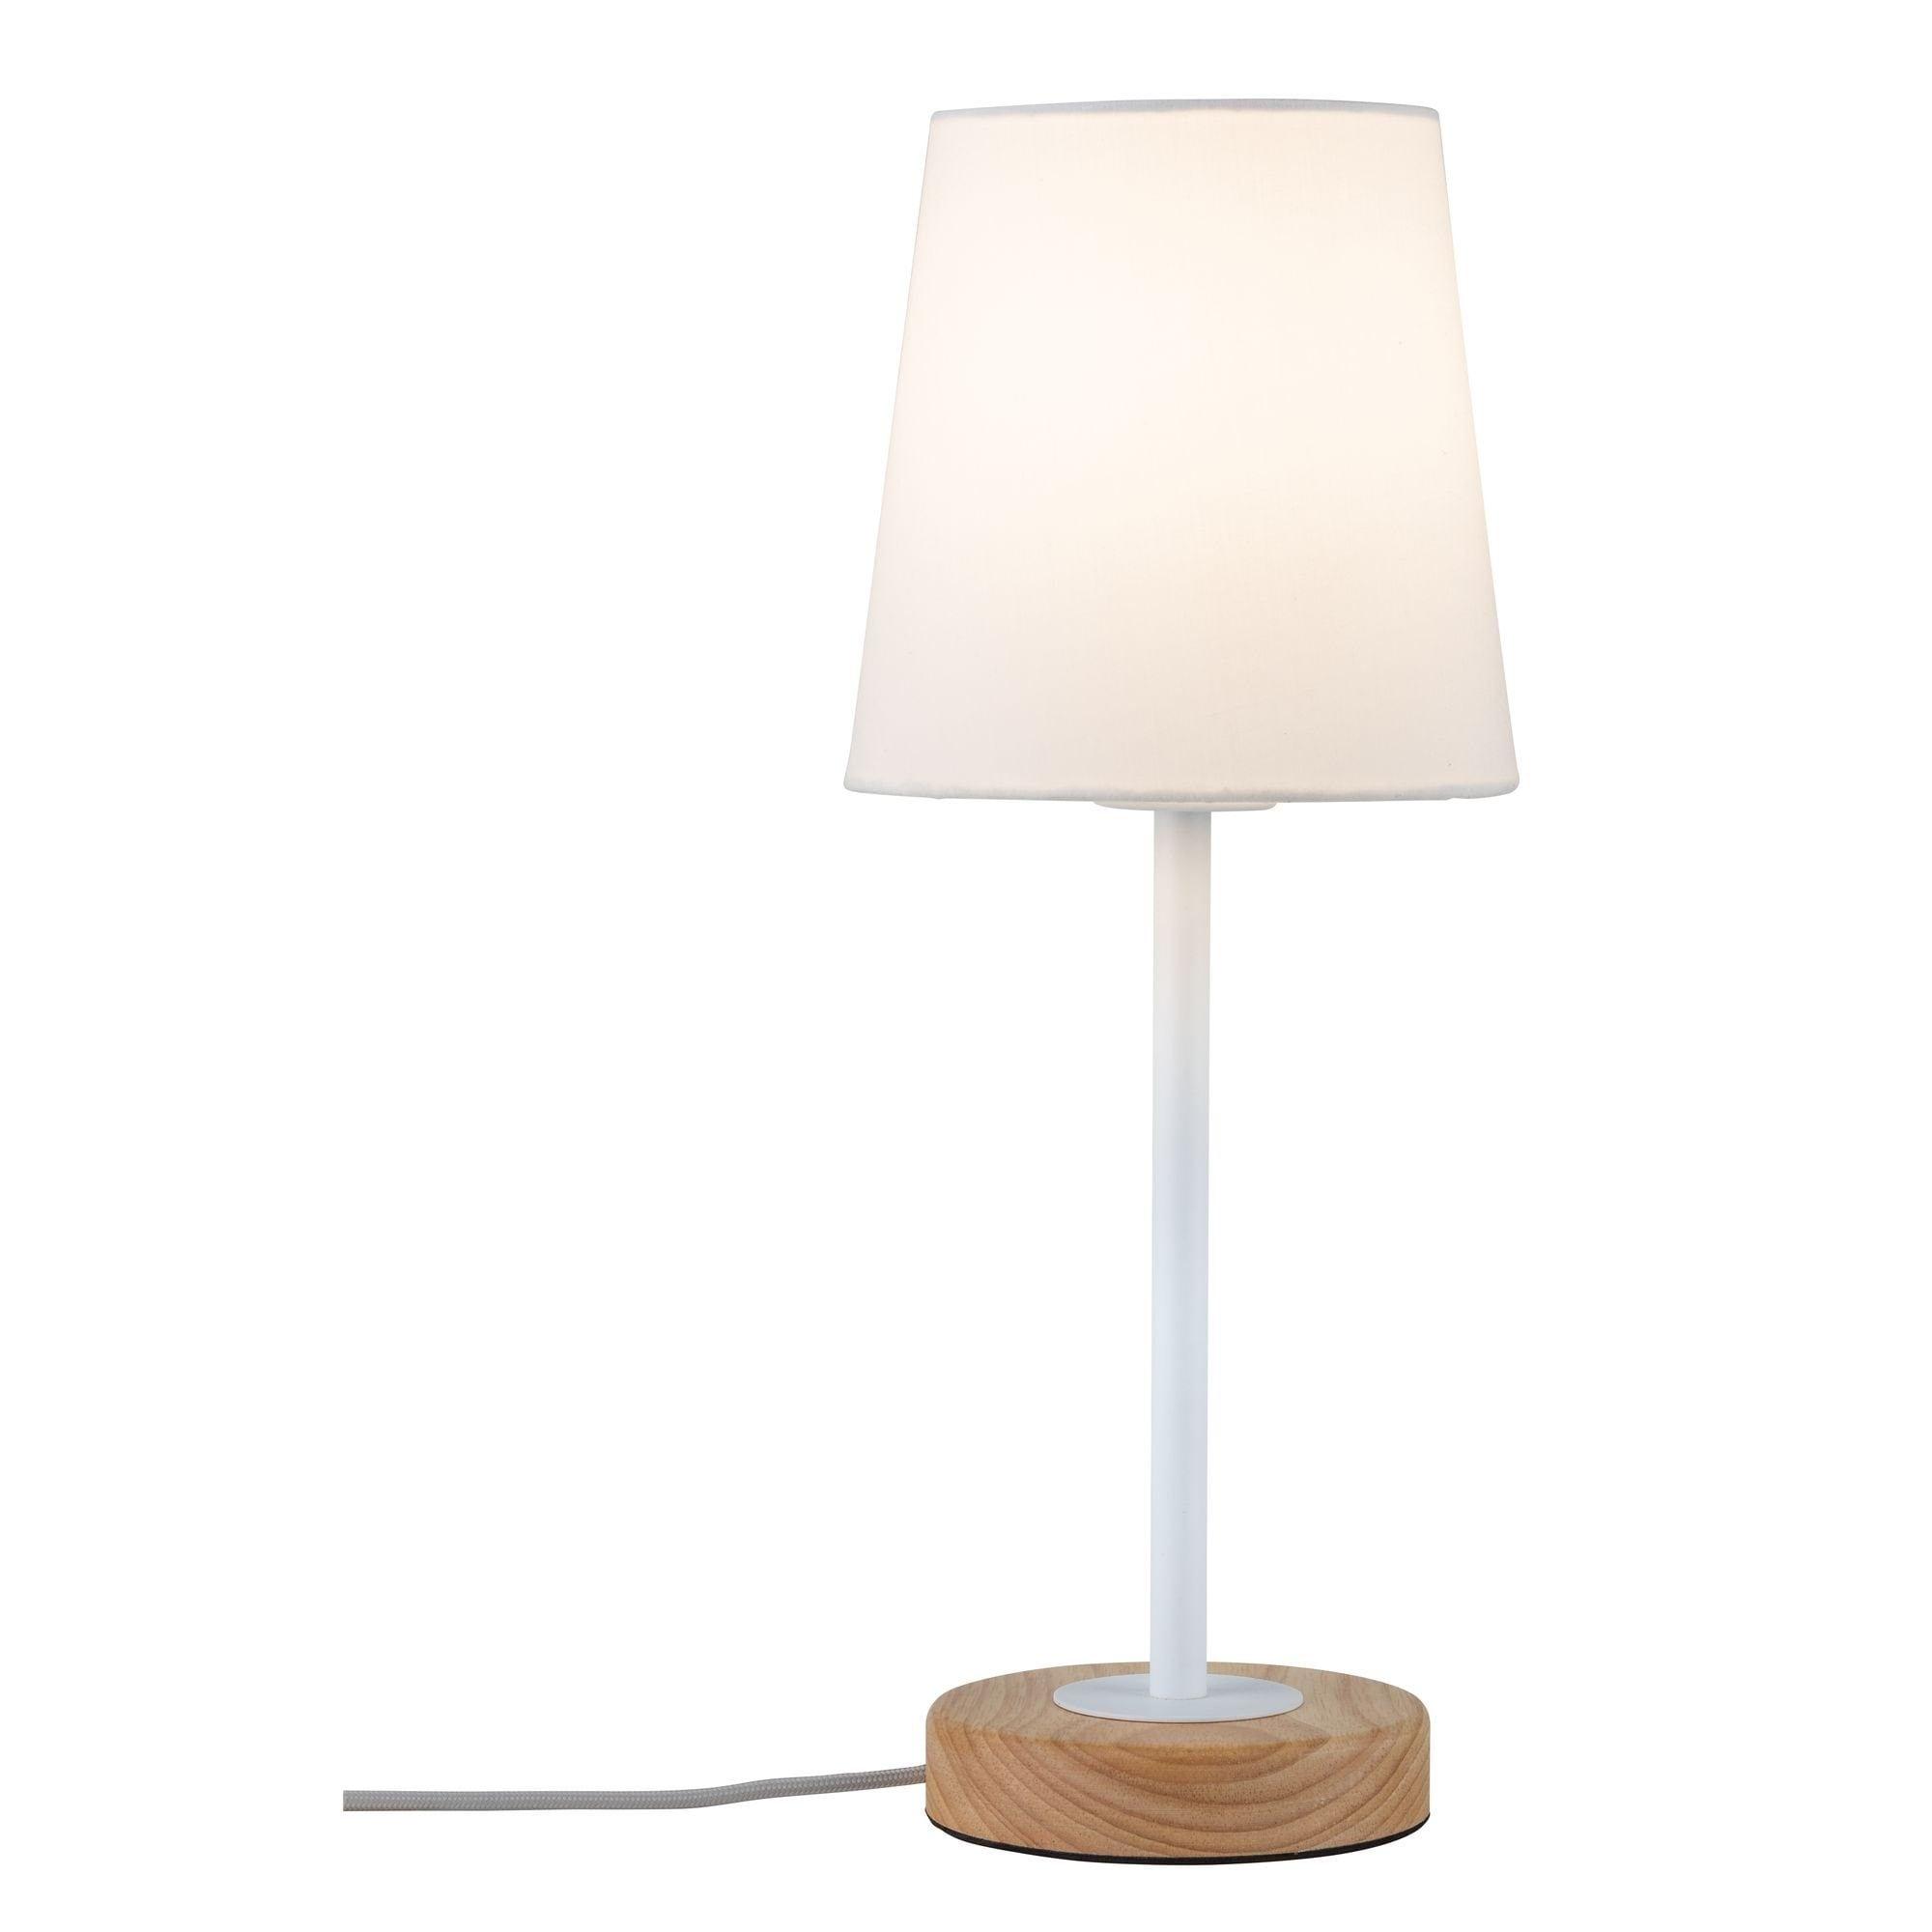 Paulmann,LED Tischleuchte Neordic Stellan Weiß/Holz